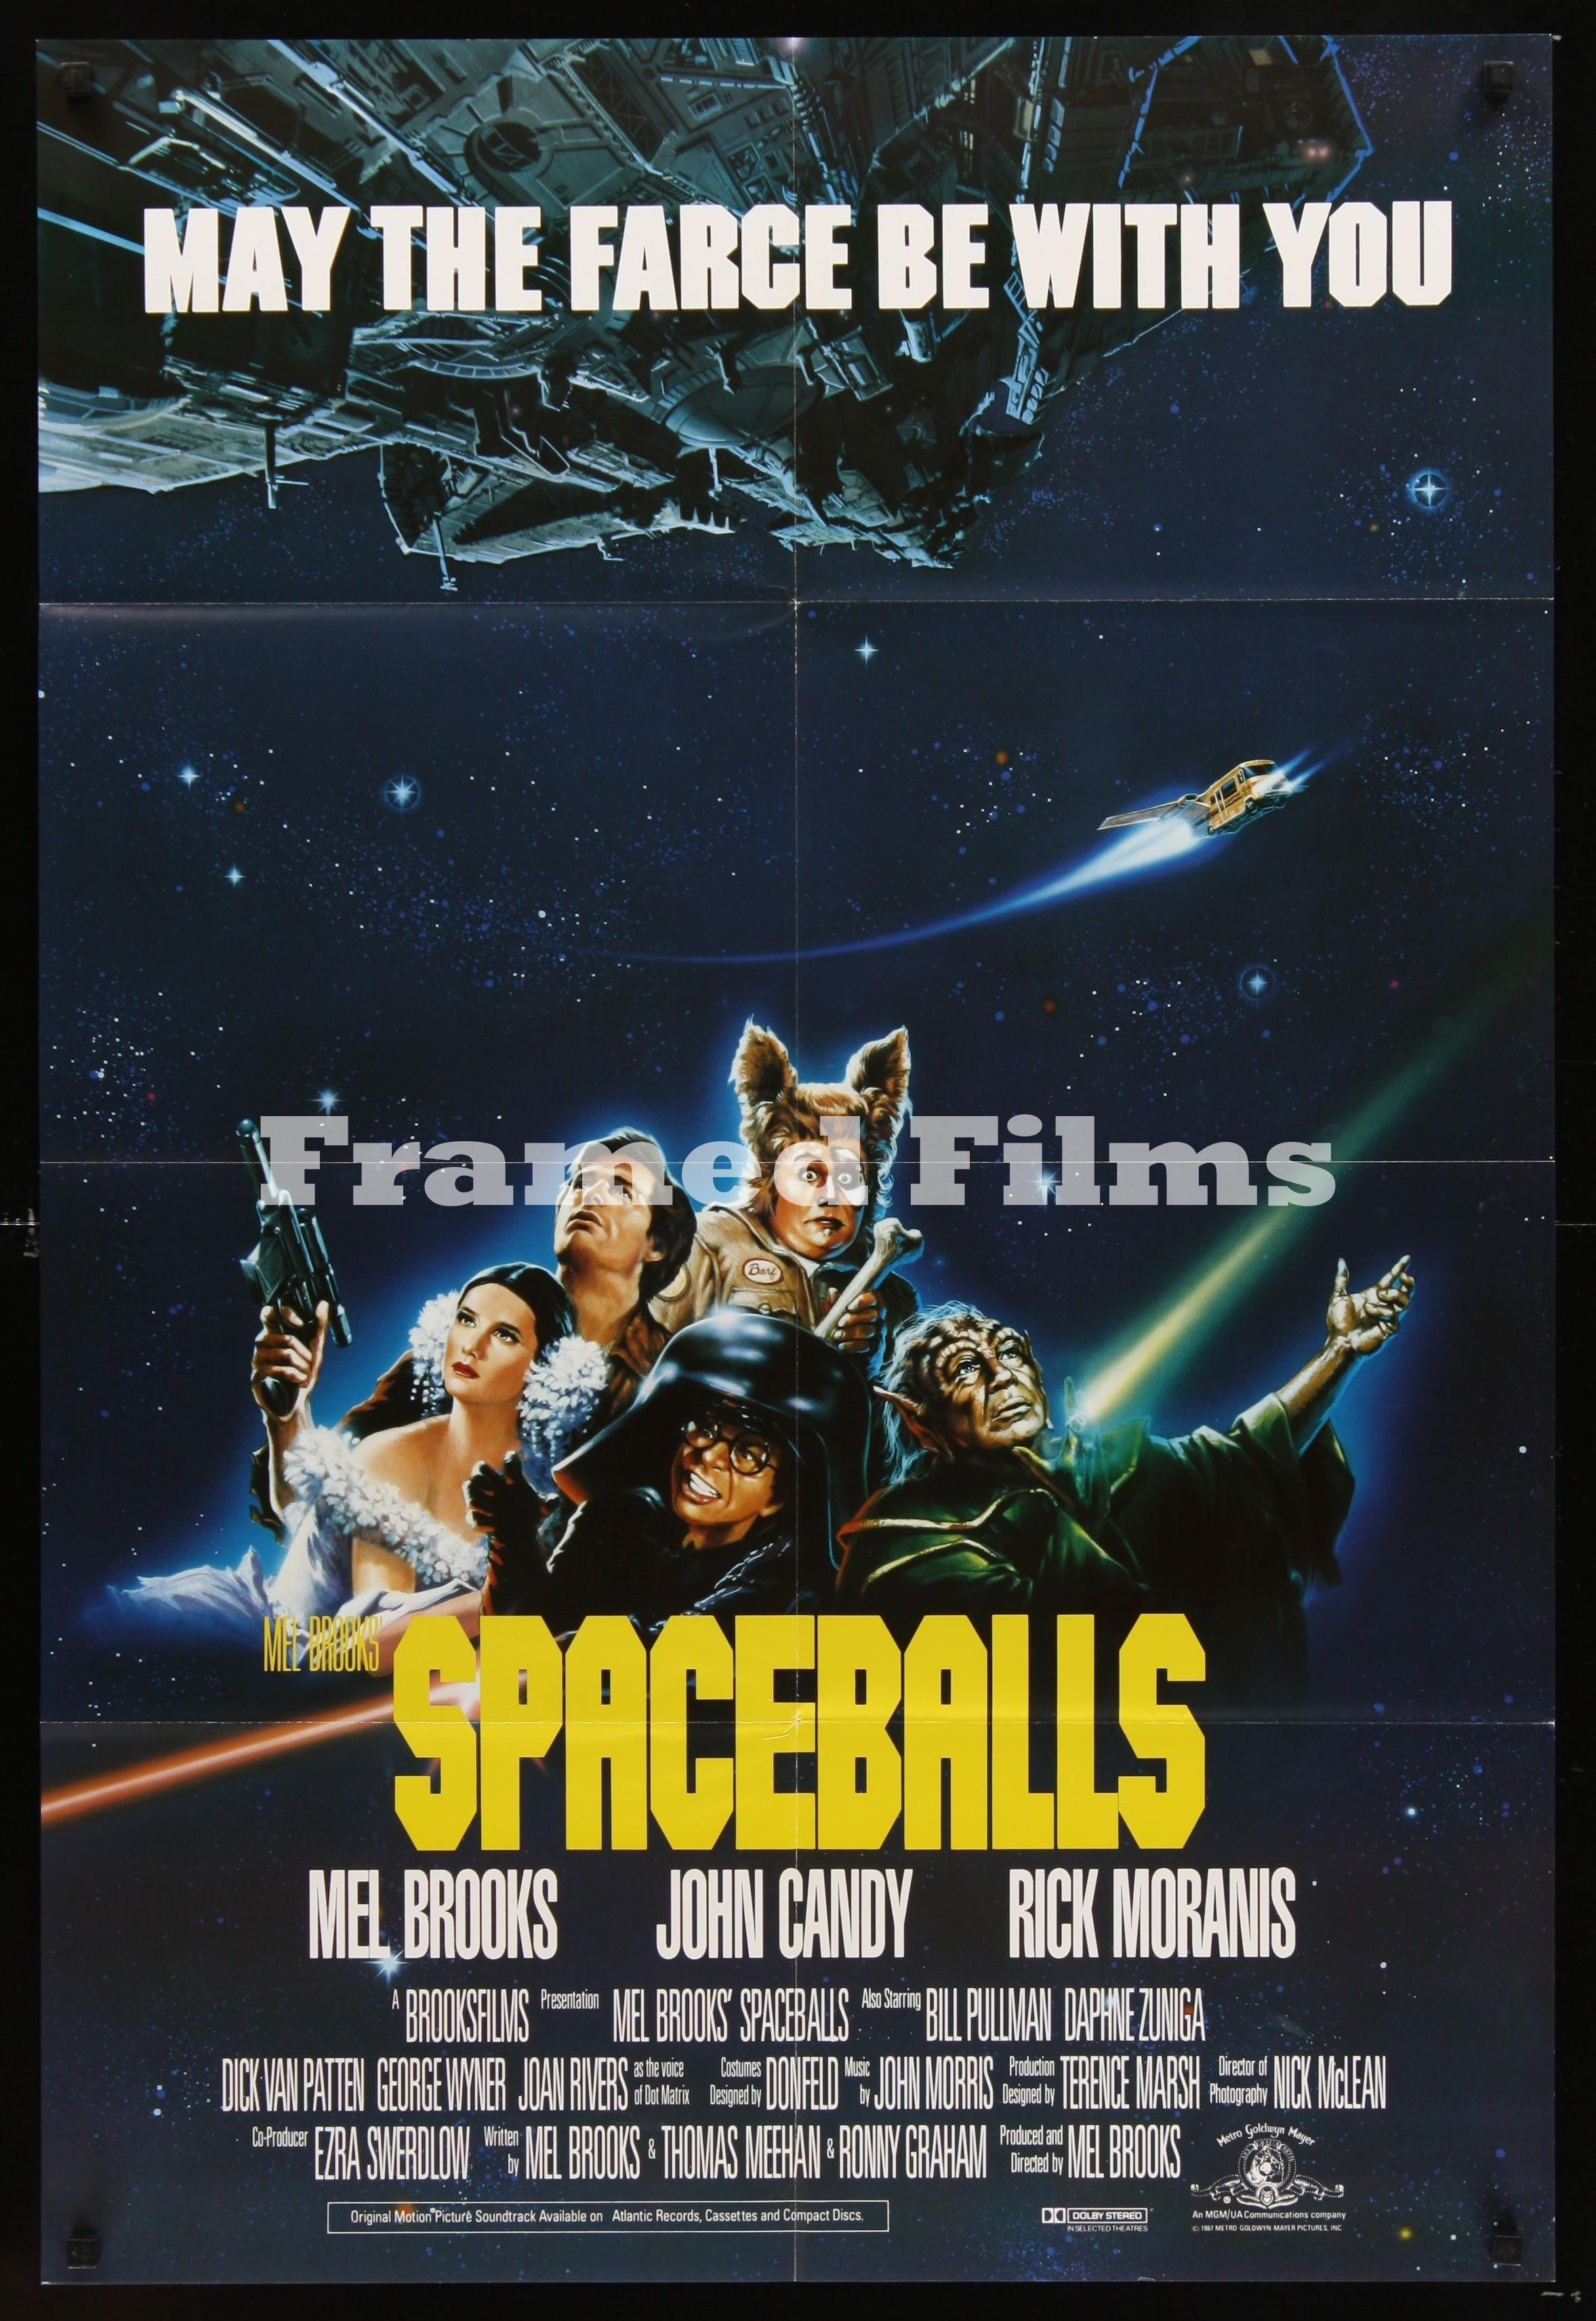 spaceballs_NZ03970_L.jpg